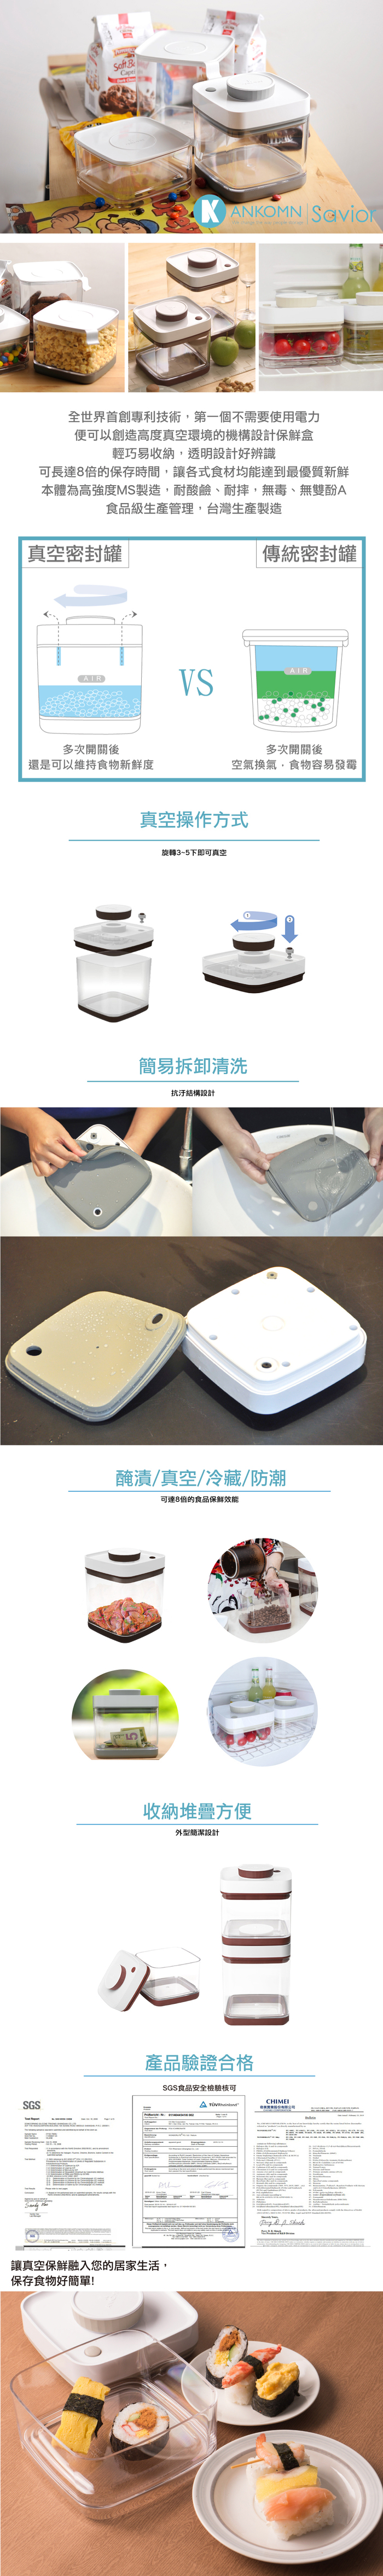 ANKOMN|Savior 真空保鮮盒1.5公升(2入組) 三色可選